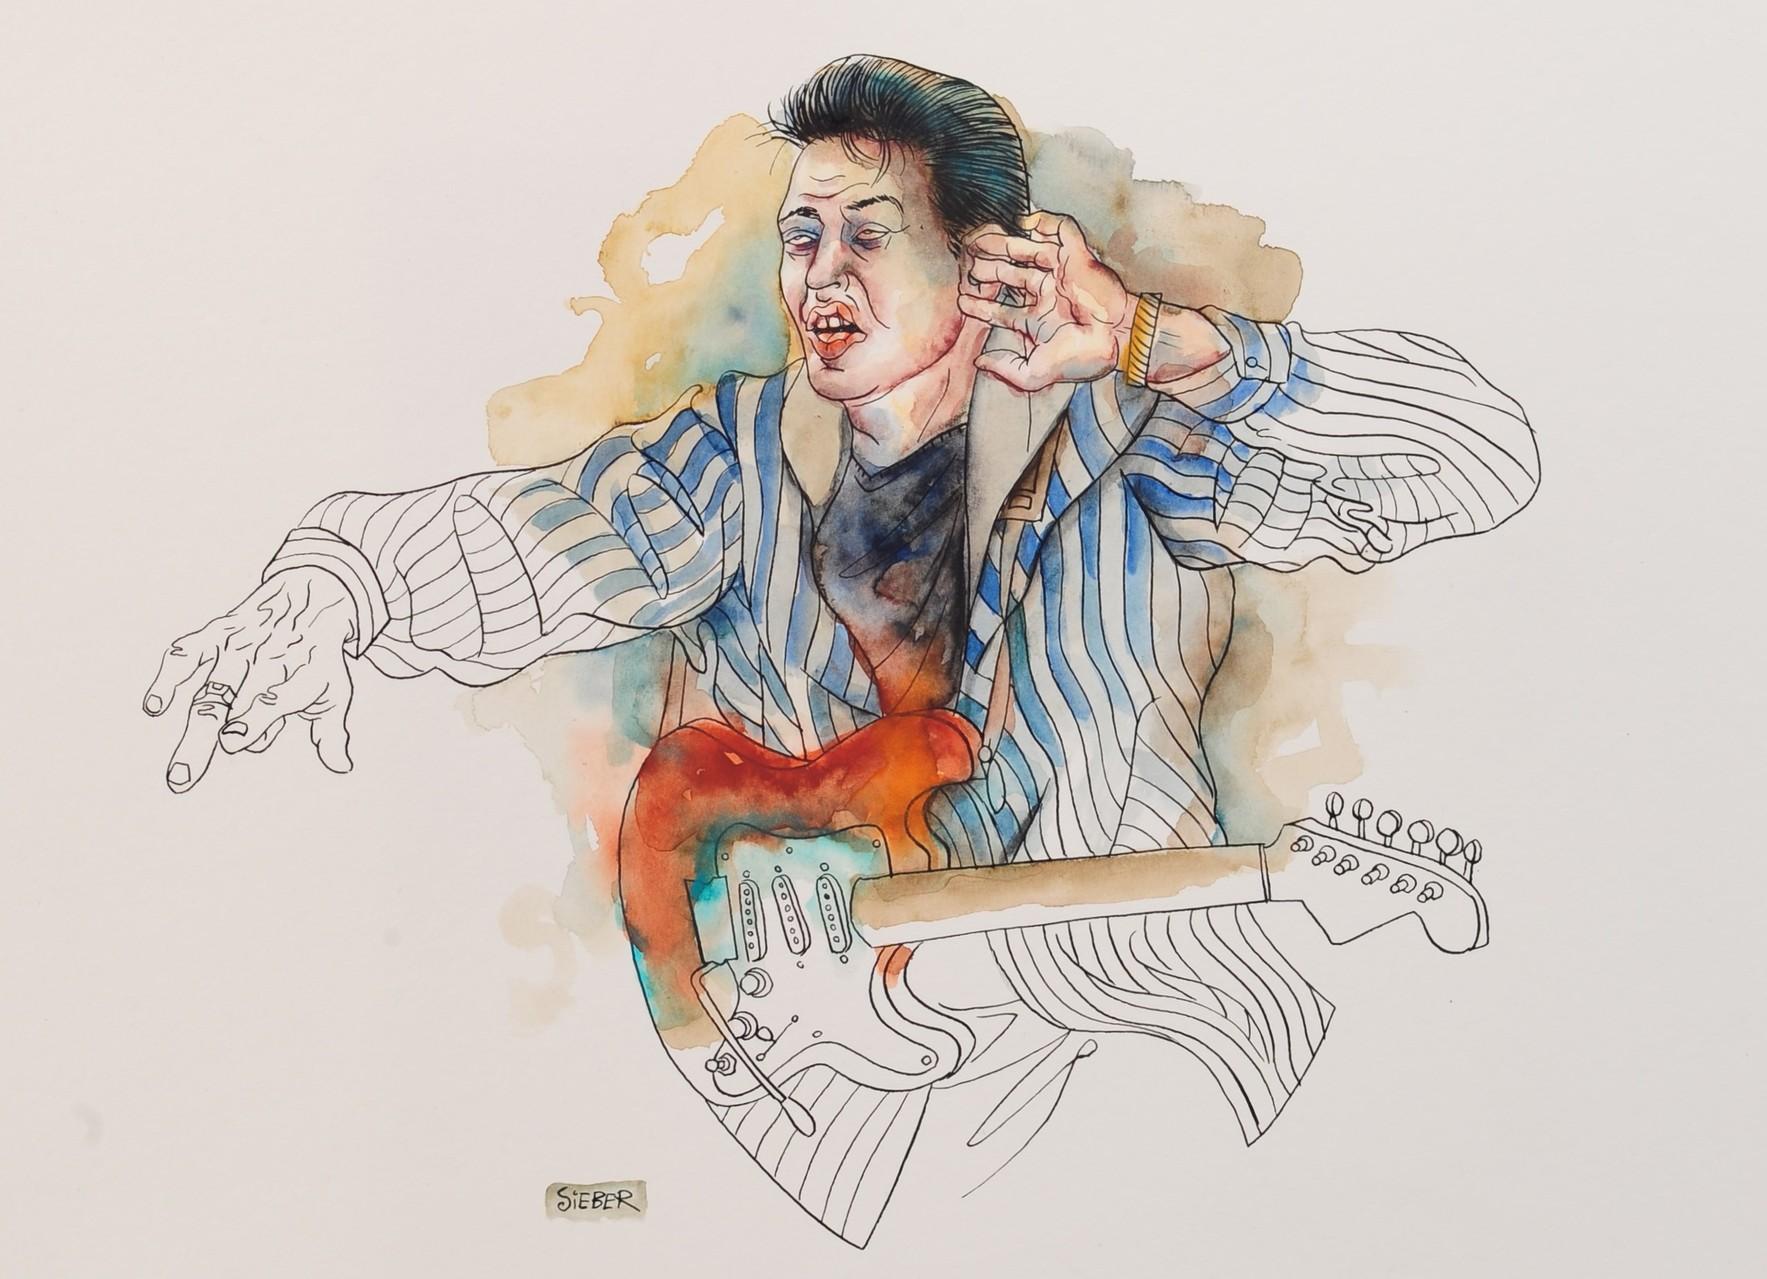 Zeichnung 285 Benny Joy, Tusche,Aquarell auf Karton, 2010, 30 x 40 cm